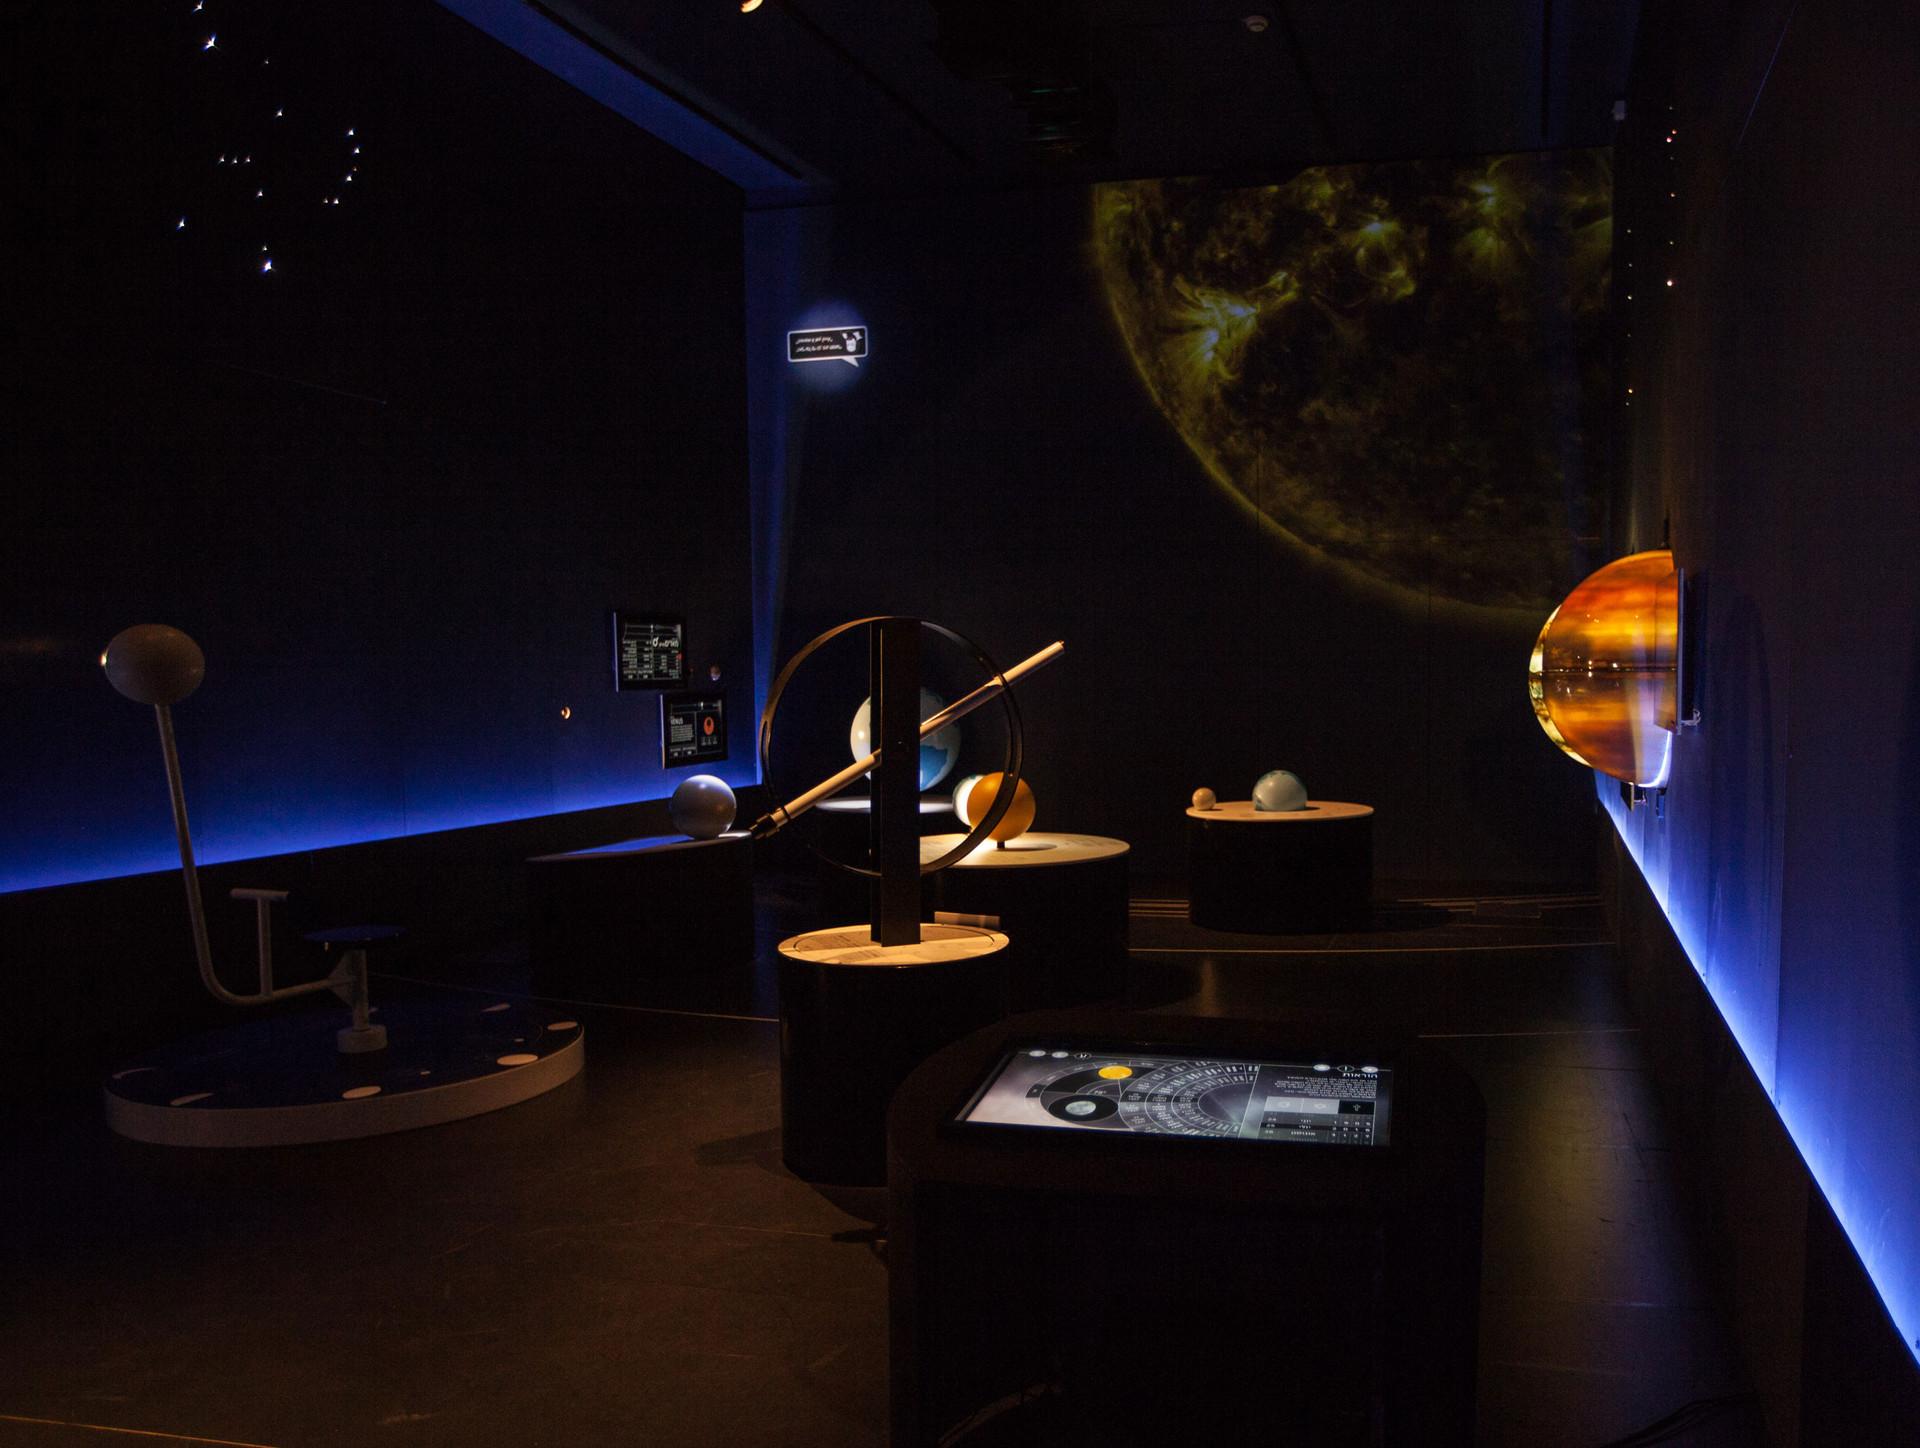 Astronomy-W-02.jpg